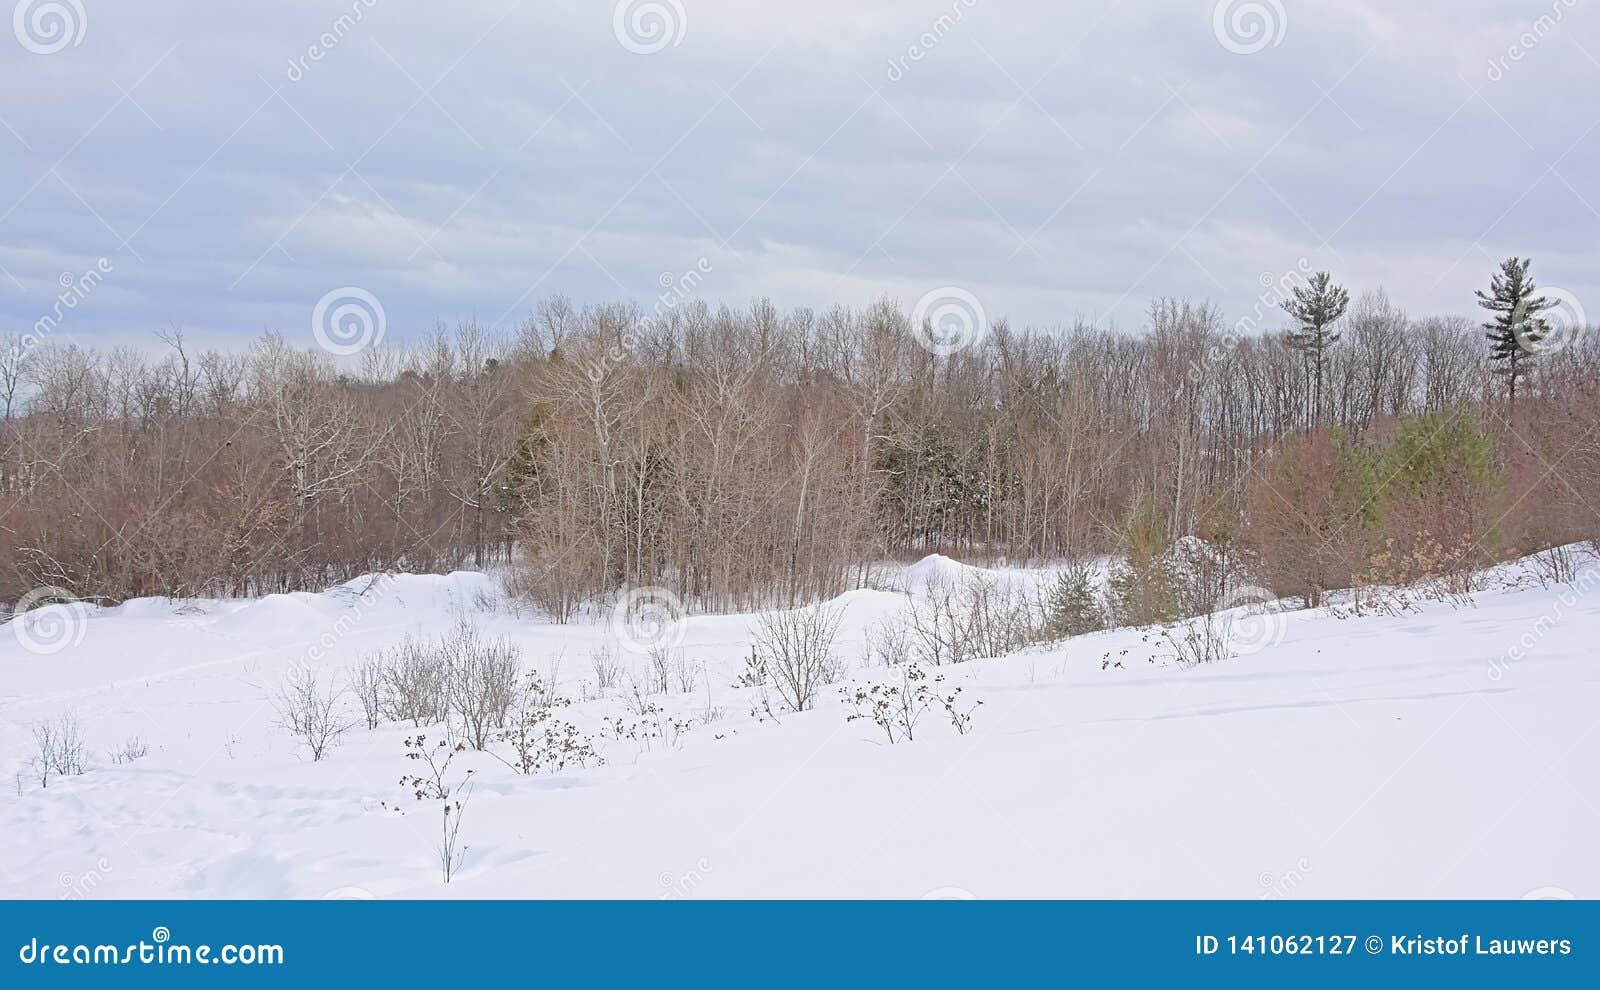 Свертывая фланк холма предусматриванный в снеге с обнаженным и хвойными деревьями и кустарниками